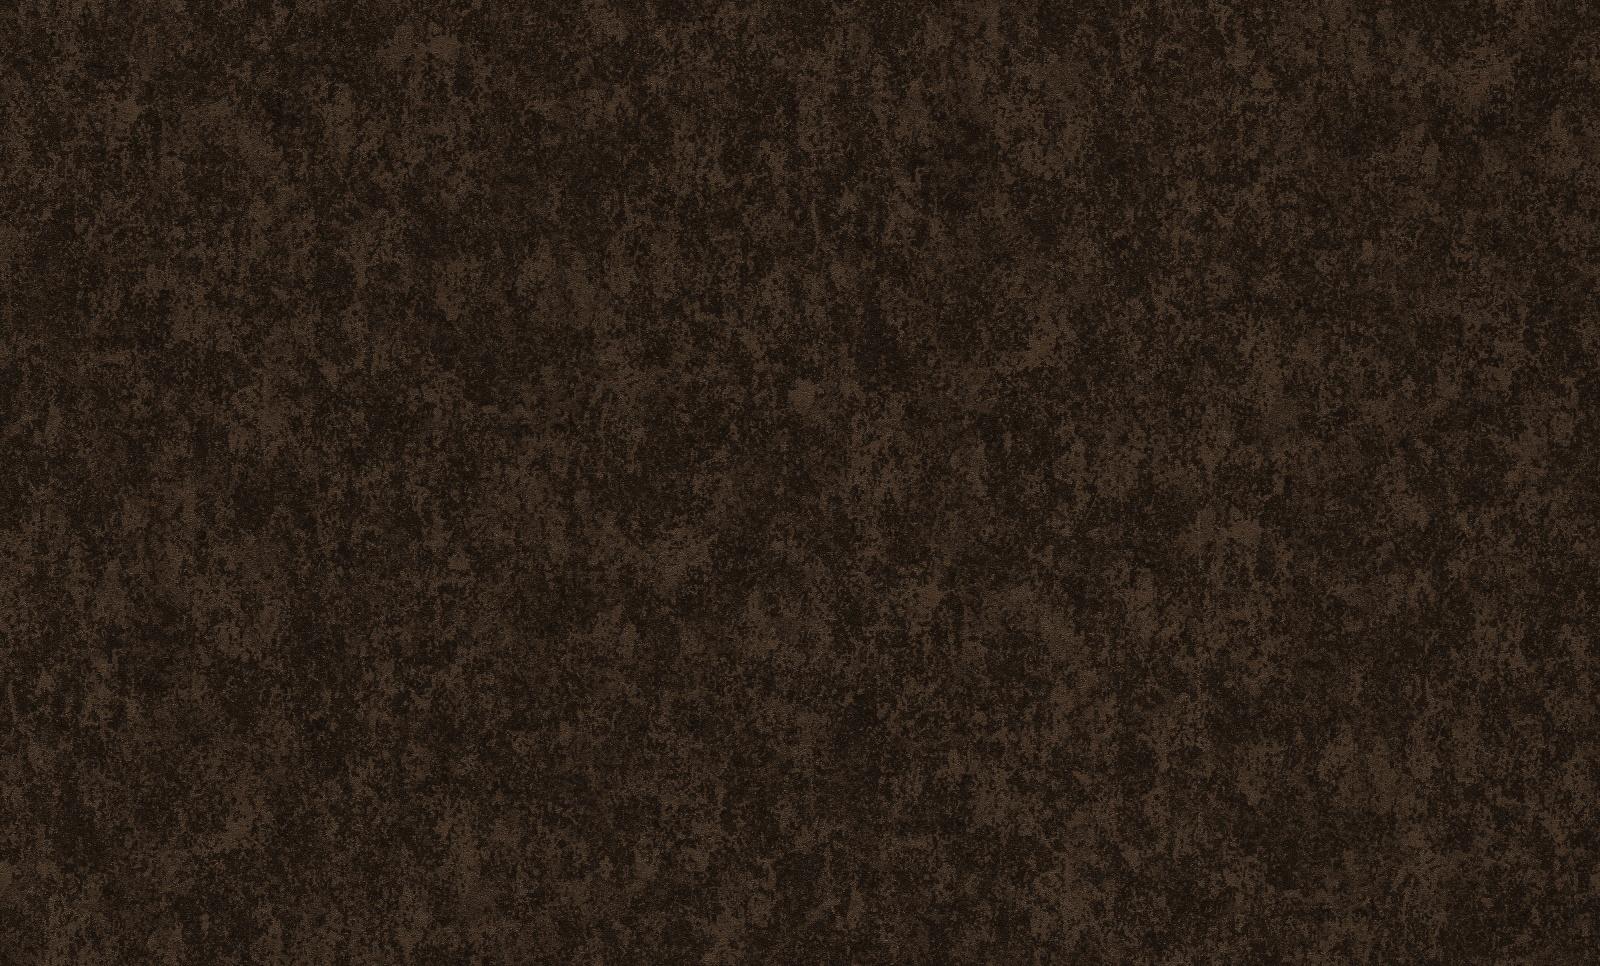 168180-06 Обои 1,06*10 м флиз горяч тисн Сандра фон кор-зол